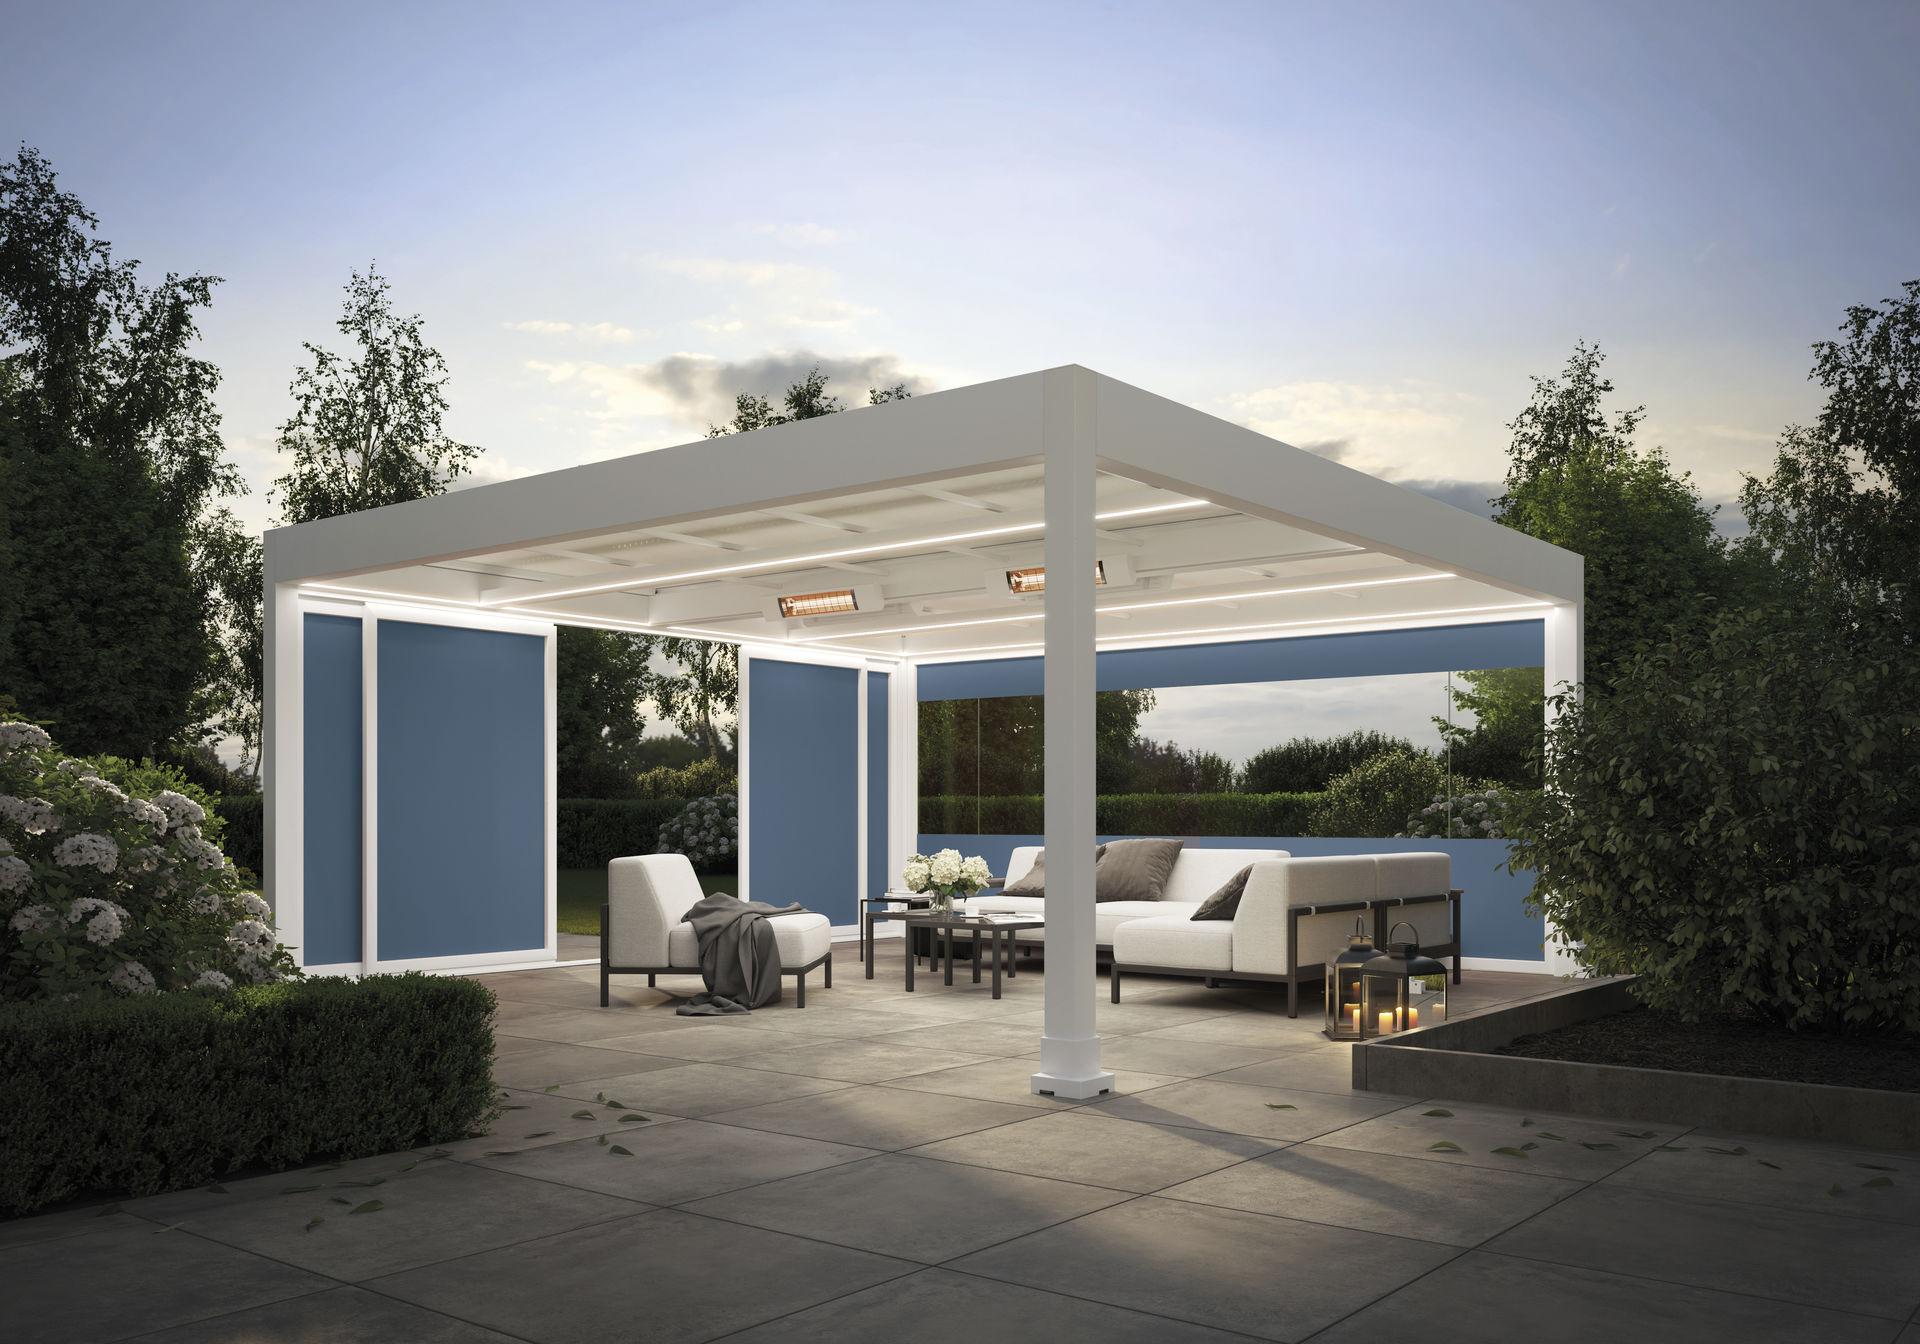 592818_format-Haus mit Hof Detail markant slide Blau 202010_large.jpg